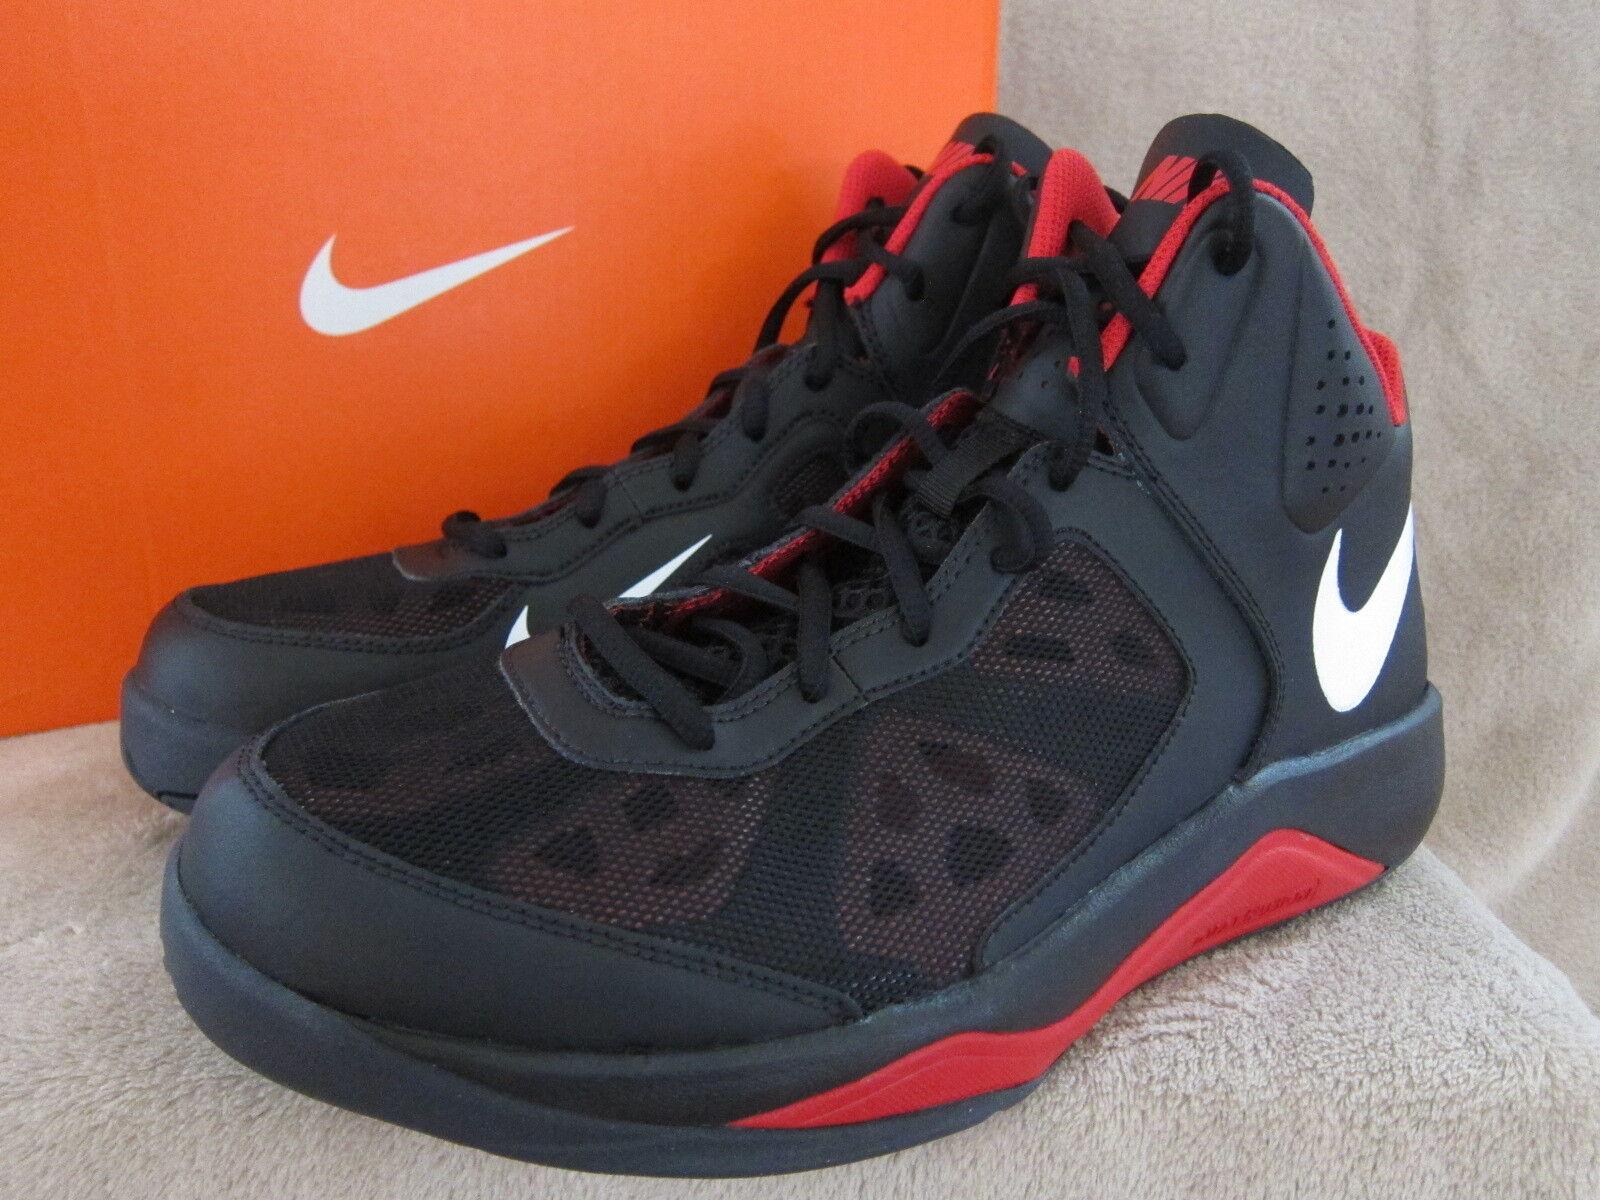 Nike Hombre Dual Negro Fusion Negro Dual Y Rojo Zapatos de baloncesto tamaño nos 10.5 M Nuevo Con Caja 021bc4